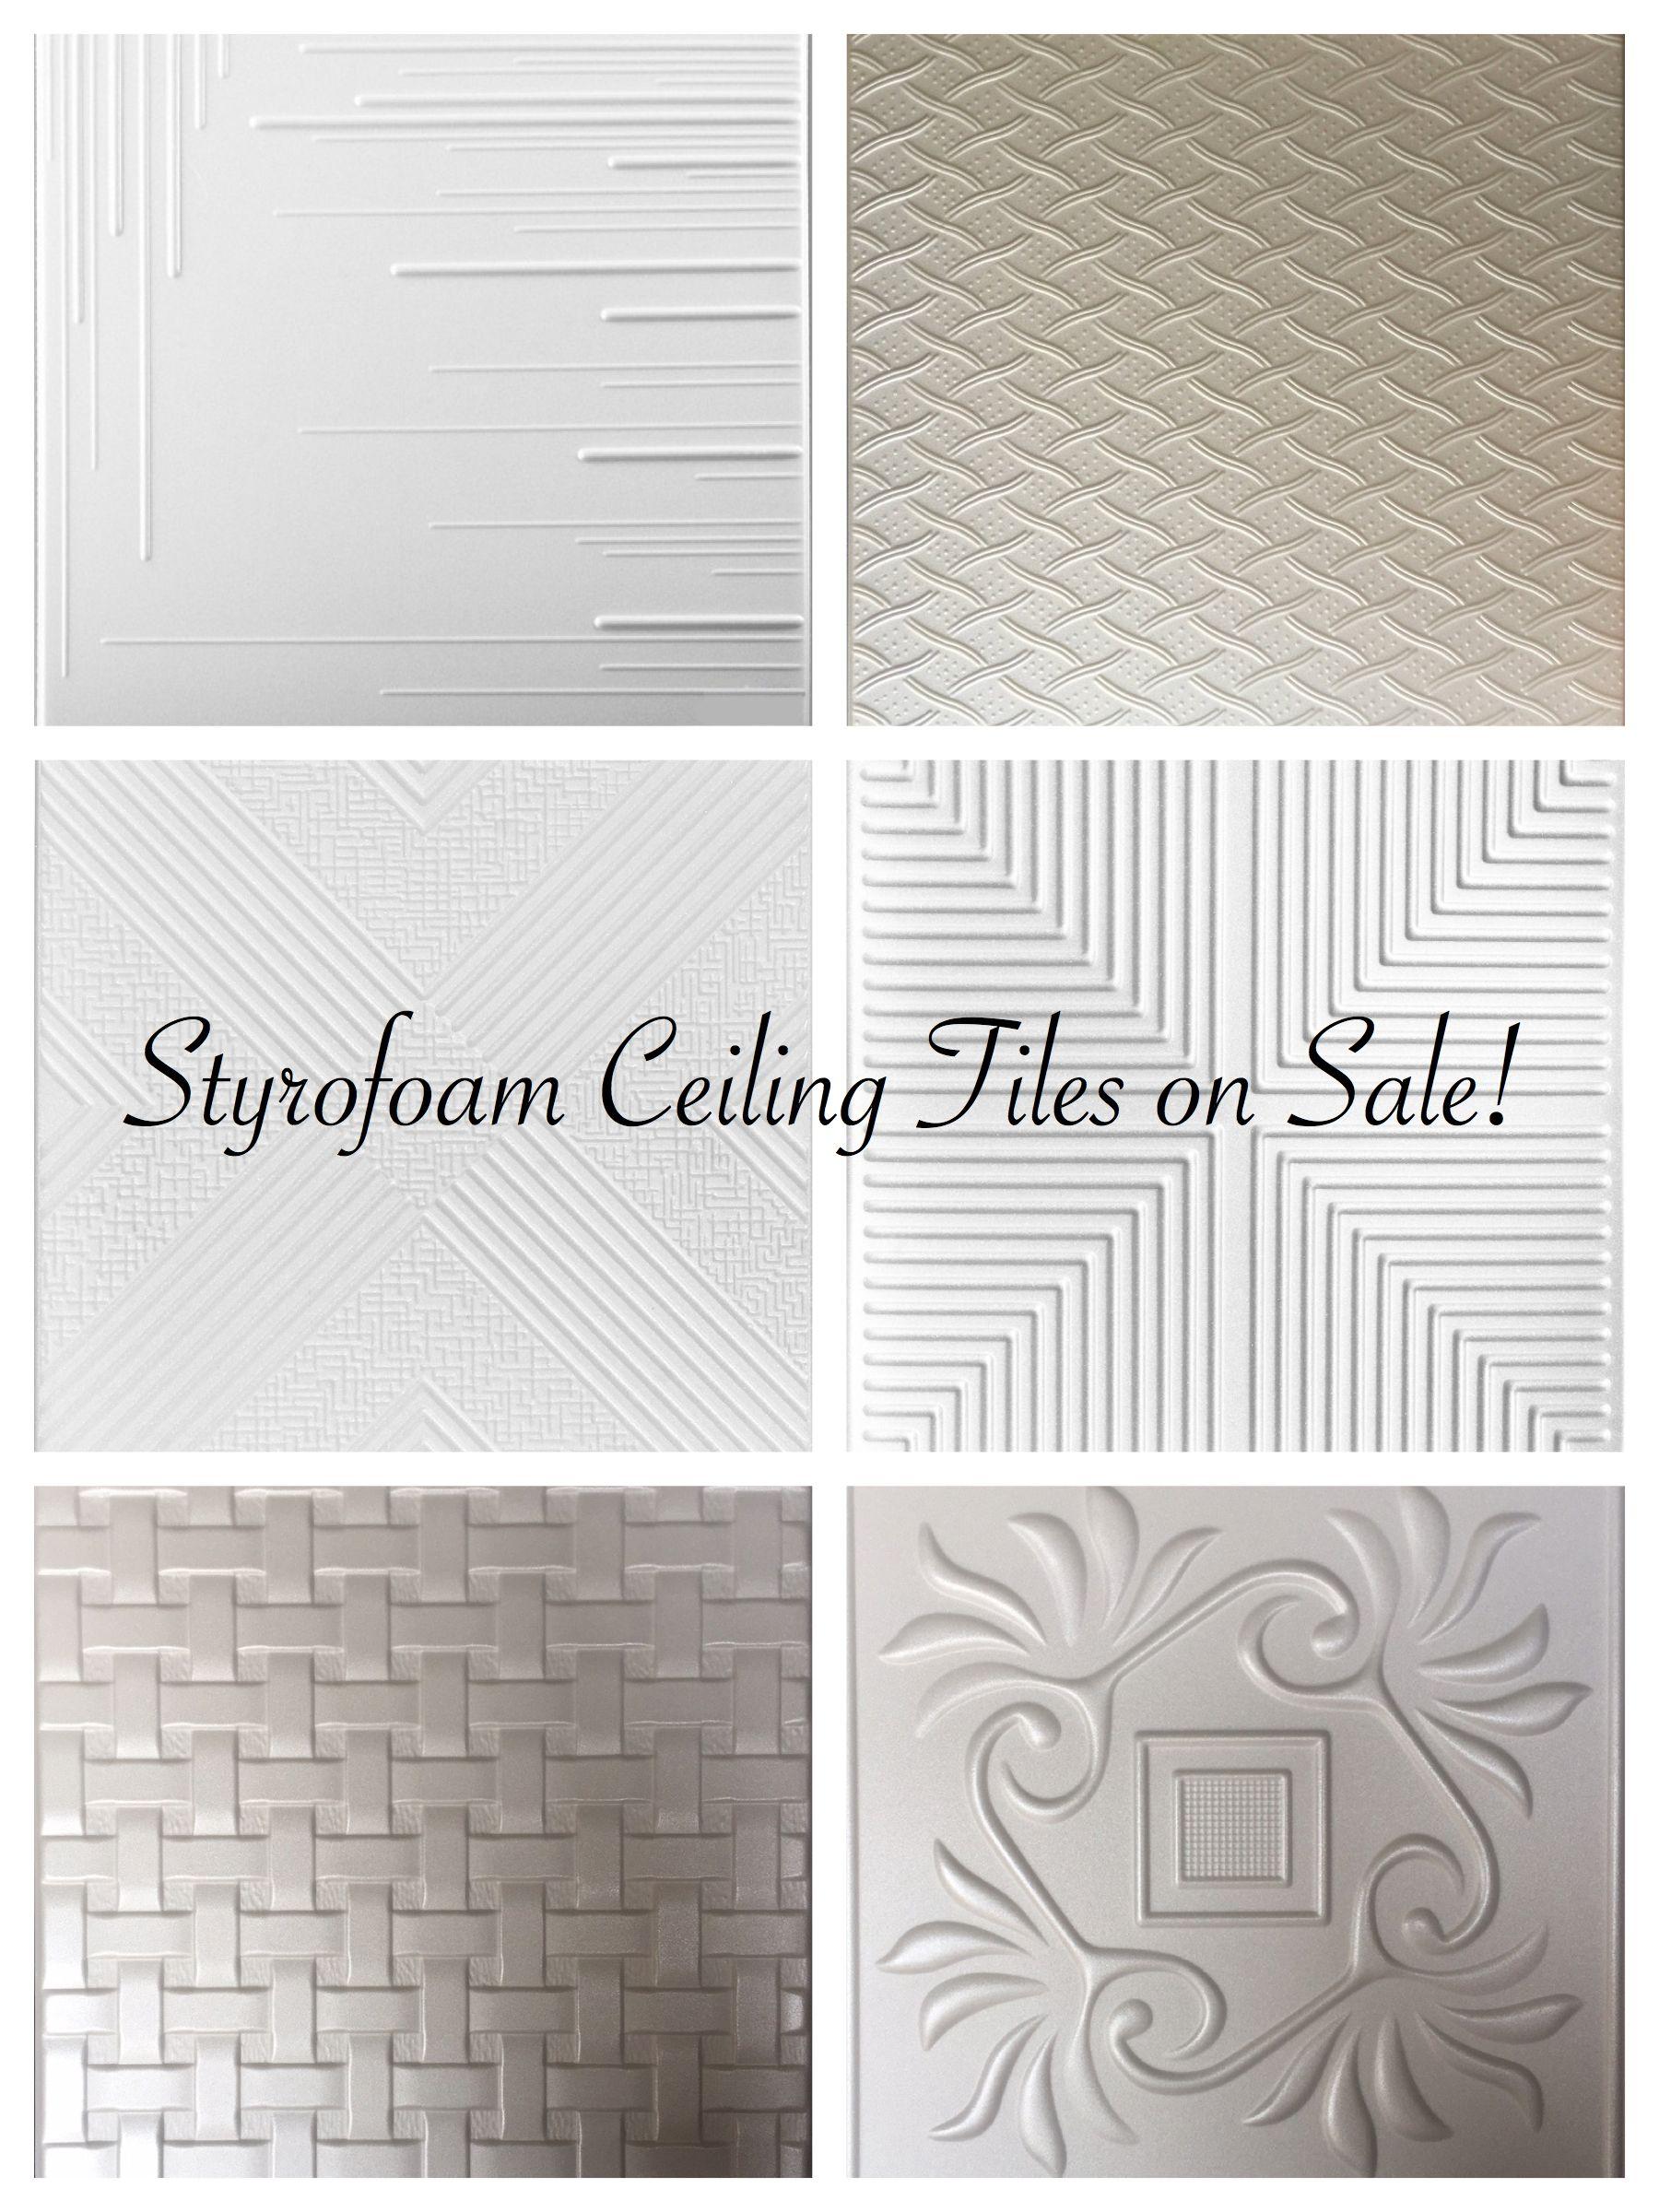 Decorative Ceiling Tiles Sale Styrofoam Faux Leather Tiles Fauxtintiles Com In 2020 Basement Ceiling Styrofoam Ceiling Tiles Ceiling Tiles